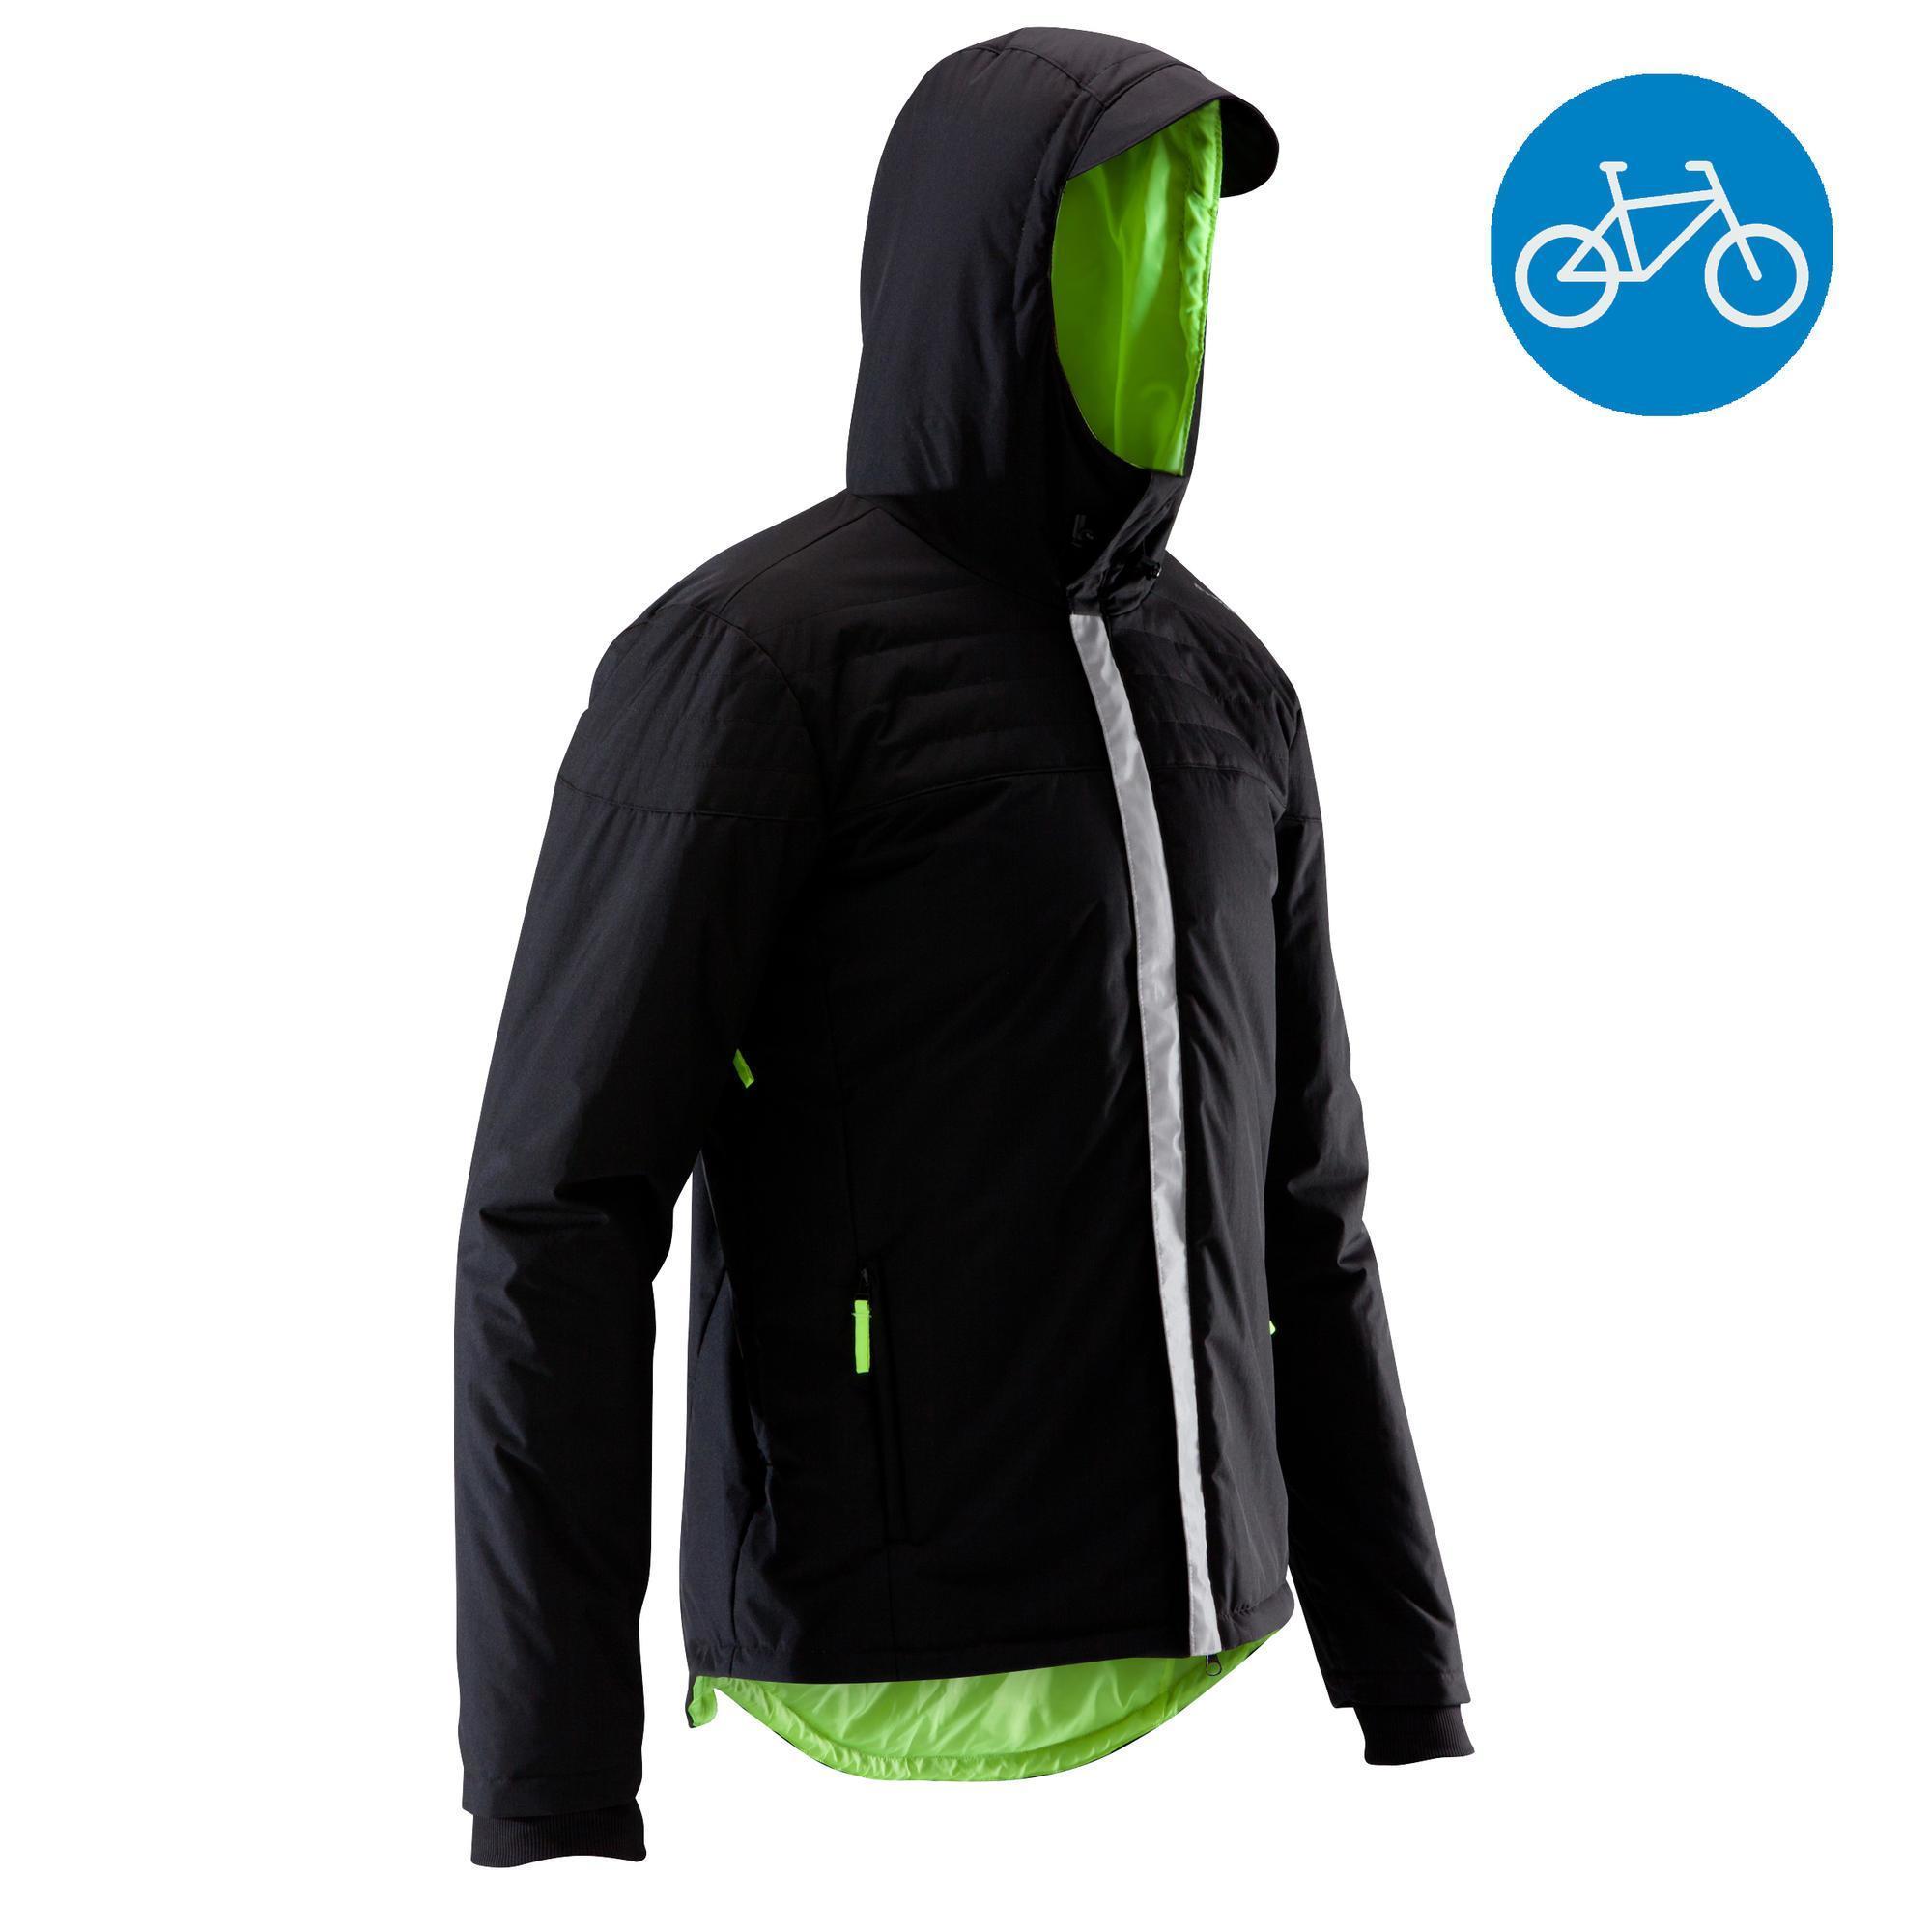 c1307844f5802 Comprar Chaqueta Ciclismo Invierno Online